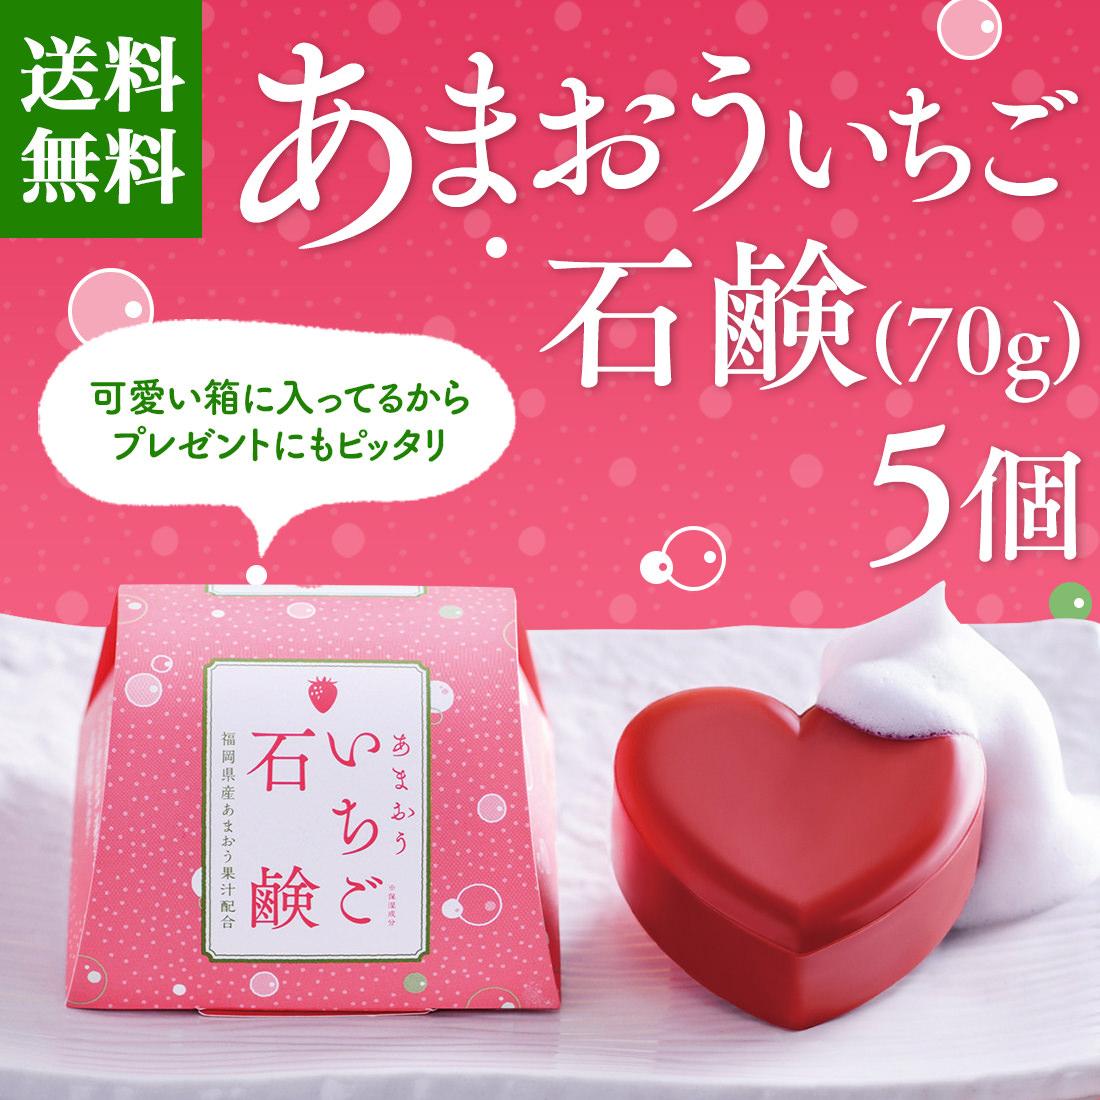 あまおういちご石鹸 70g(箱入)5個セット